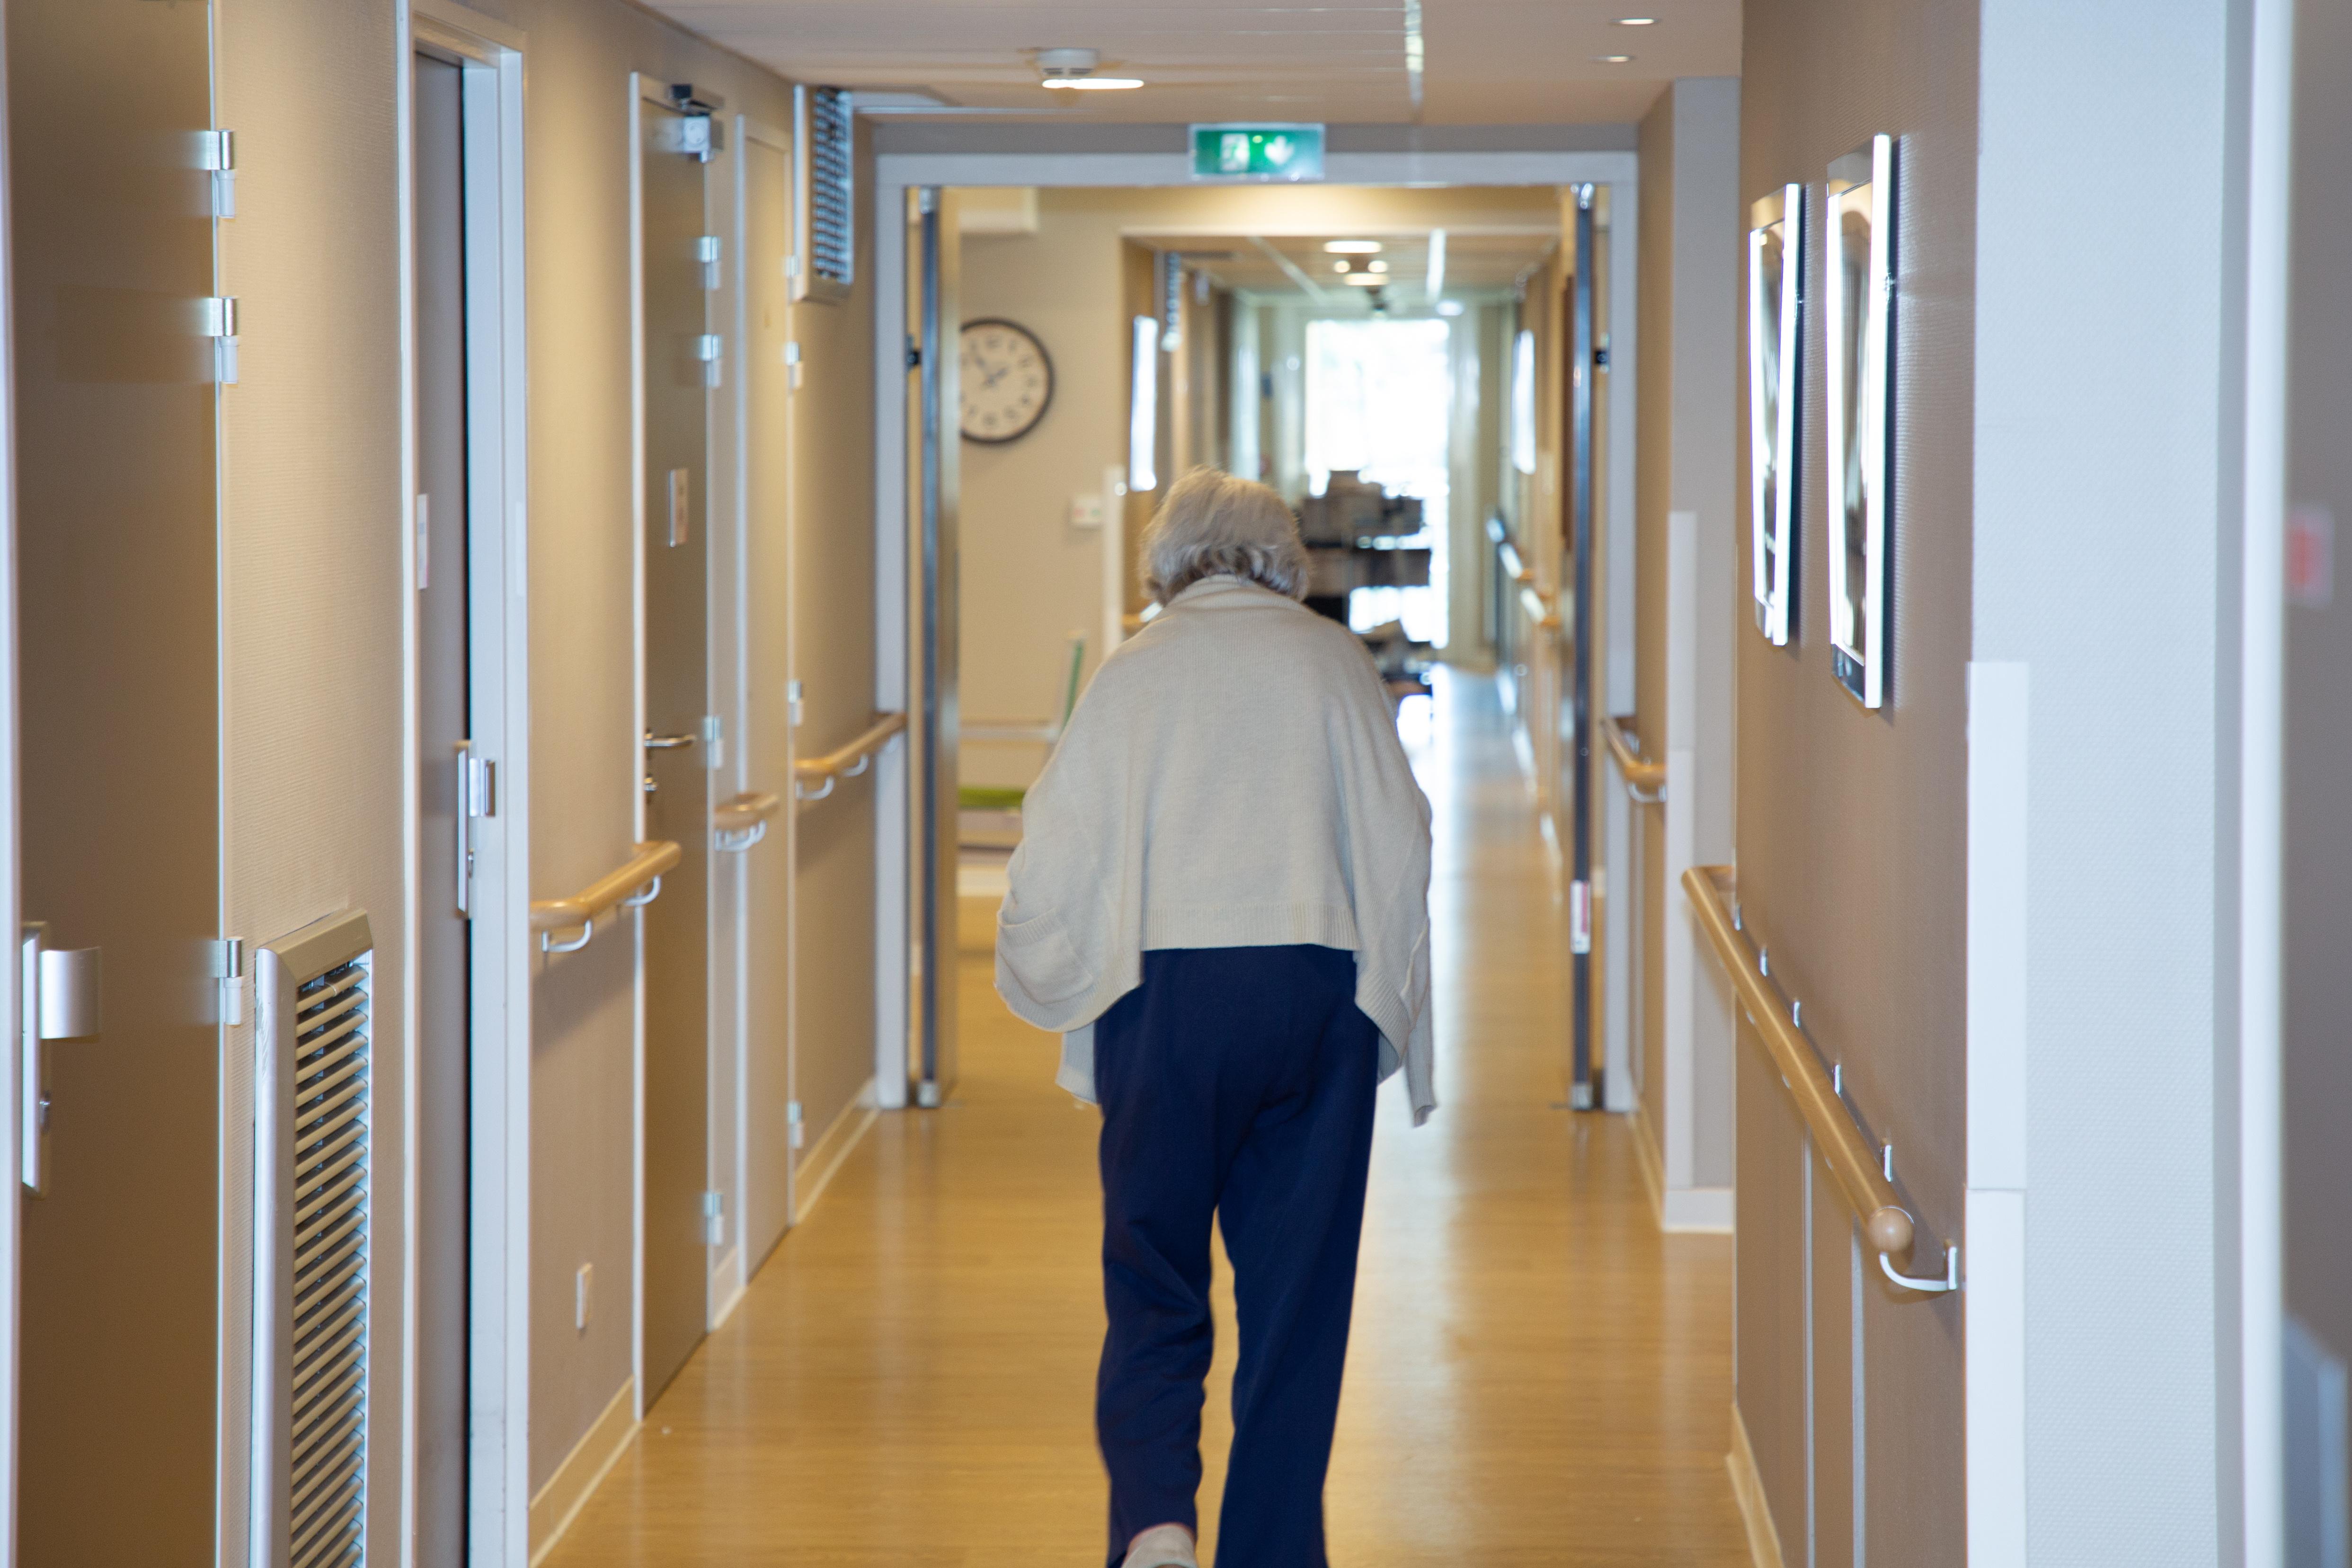 La vitesse de marche est déjà largement documentée et utilisée pour évaluer différents résultats de santé, en particulier en médecine de réadaptation et en gériatrie.